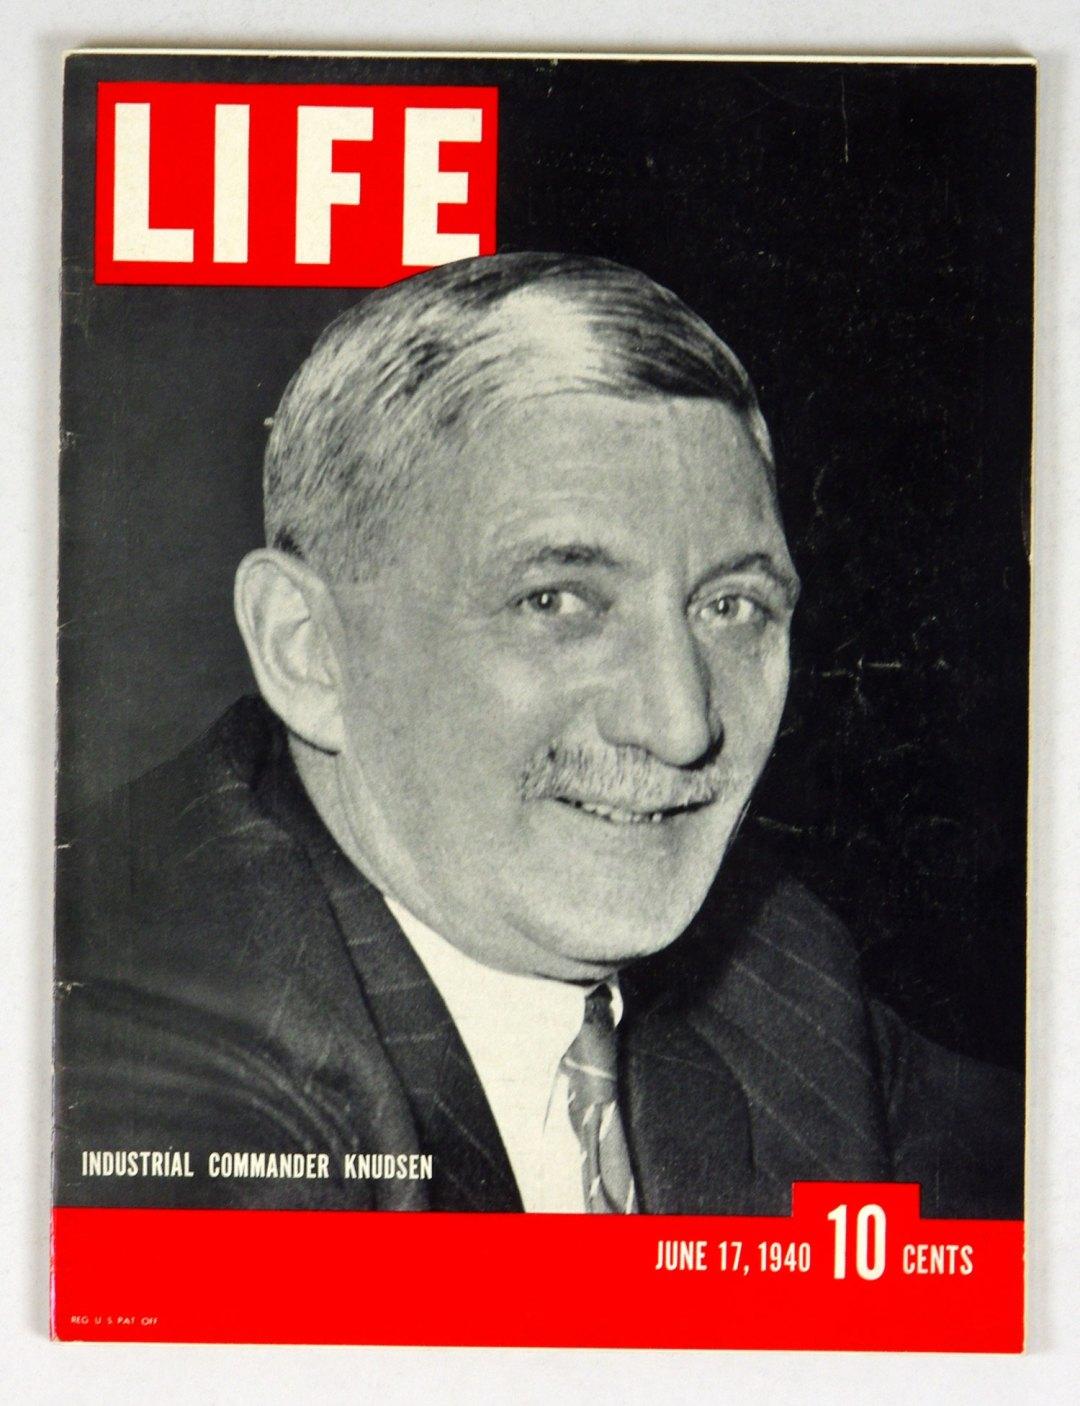 LIFE Magazine 1940 June 17 Industrial Commander Knudsen